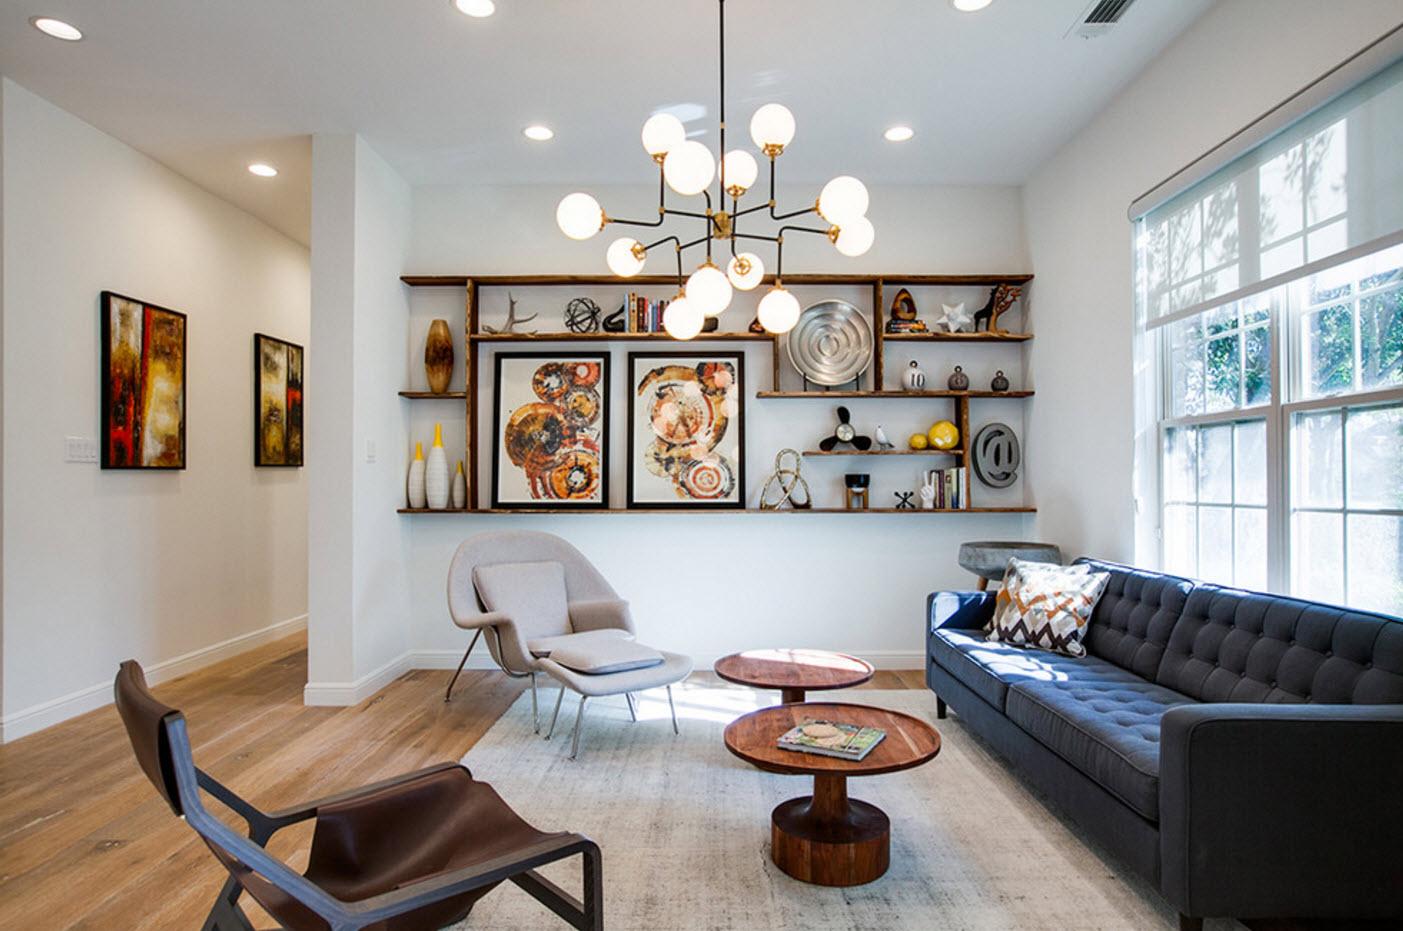 71 3 - Идеи интерьера двухкомнатной квартиры